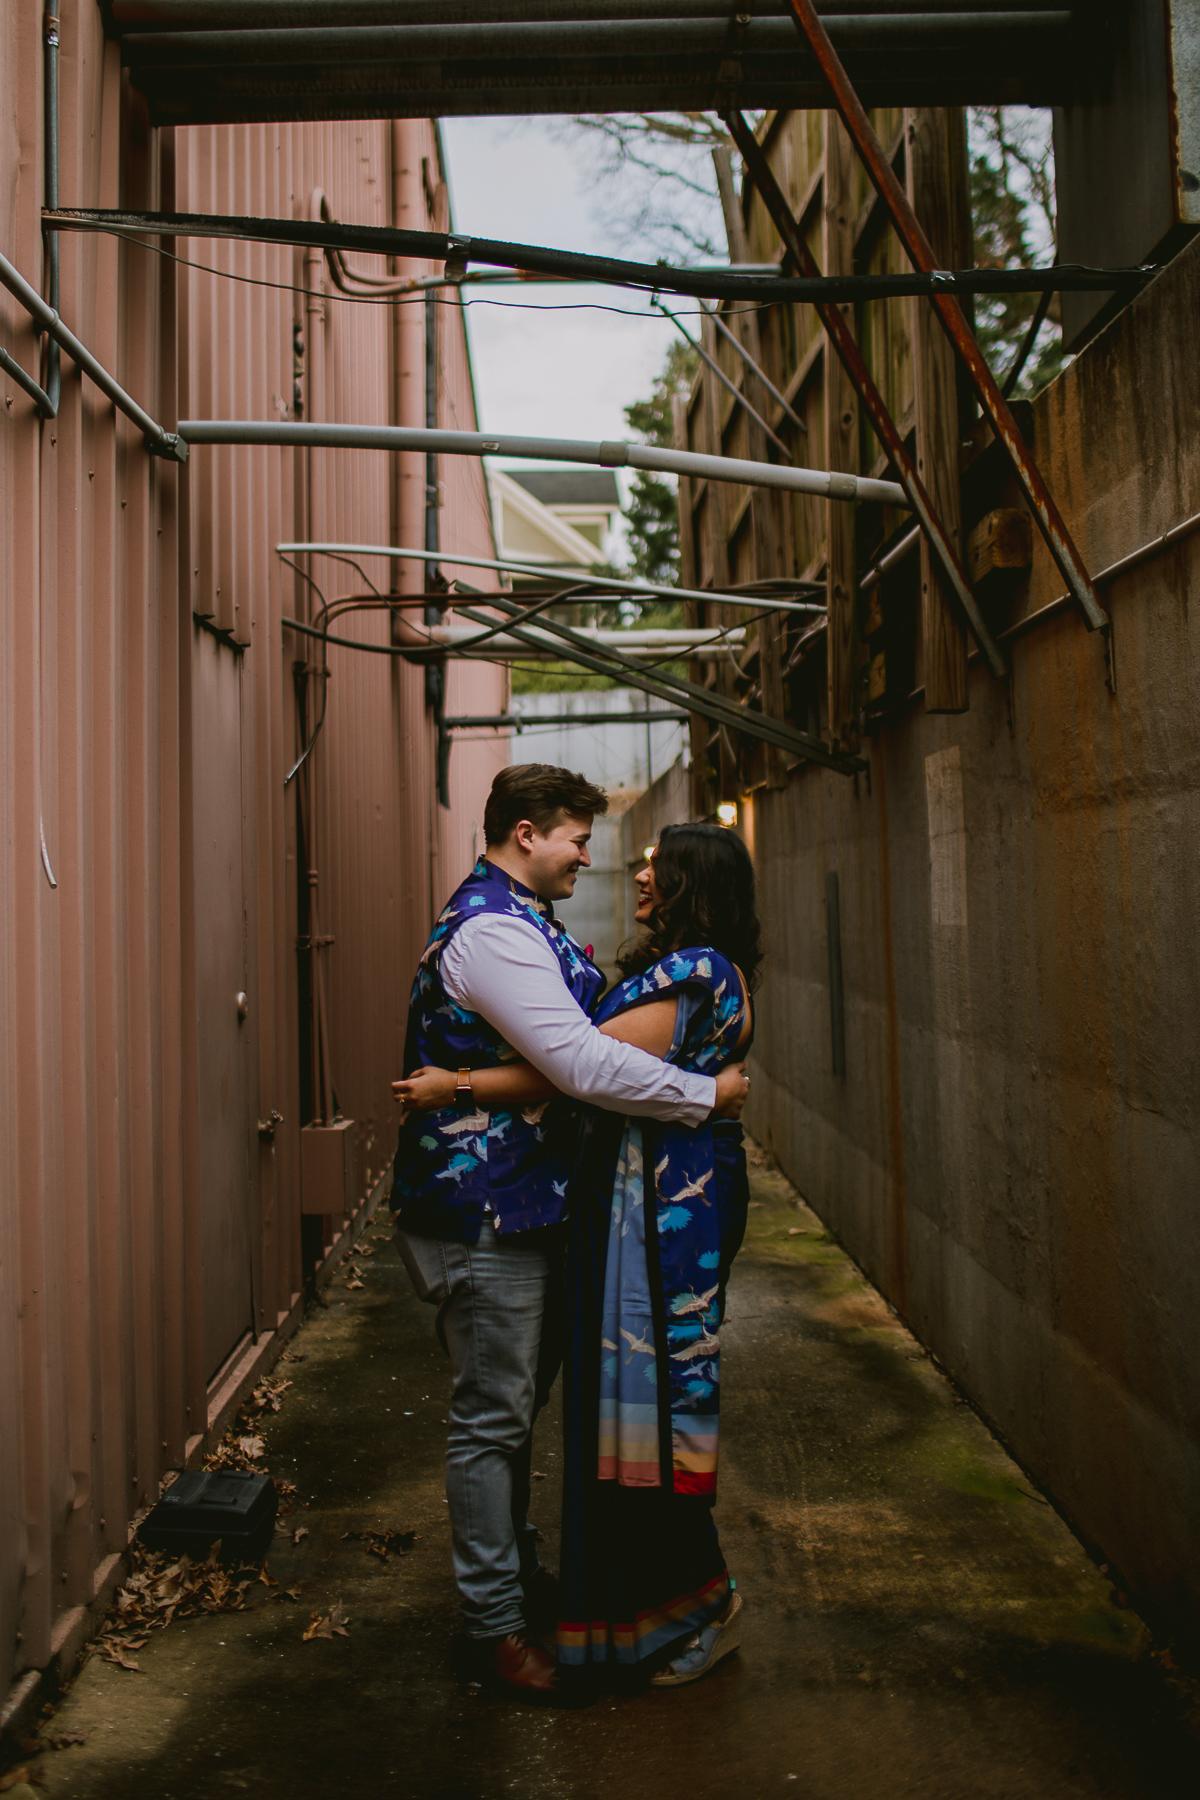 atlanta-beltline-american-indian-engagement-kelley-raye-los-angeles-wedding-photographer-29.jpg